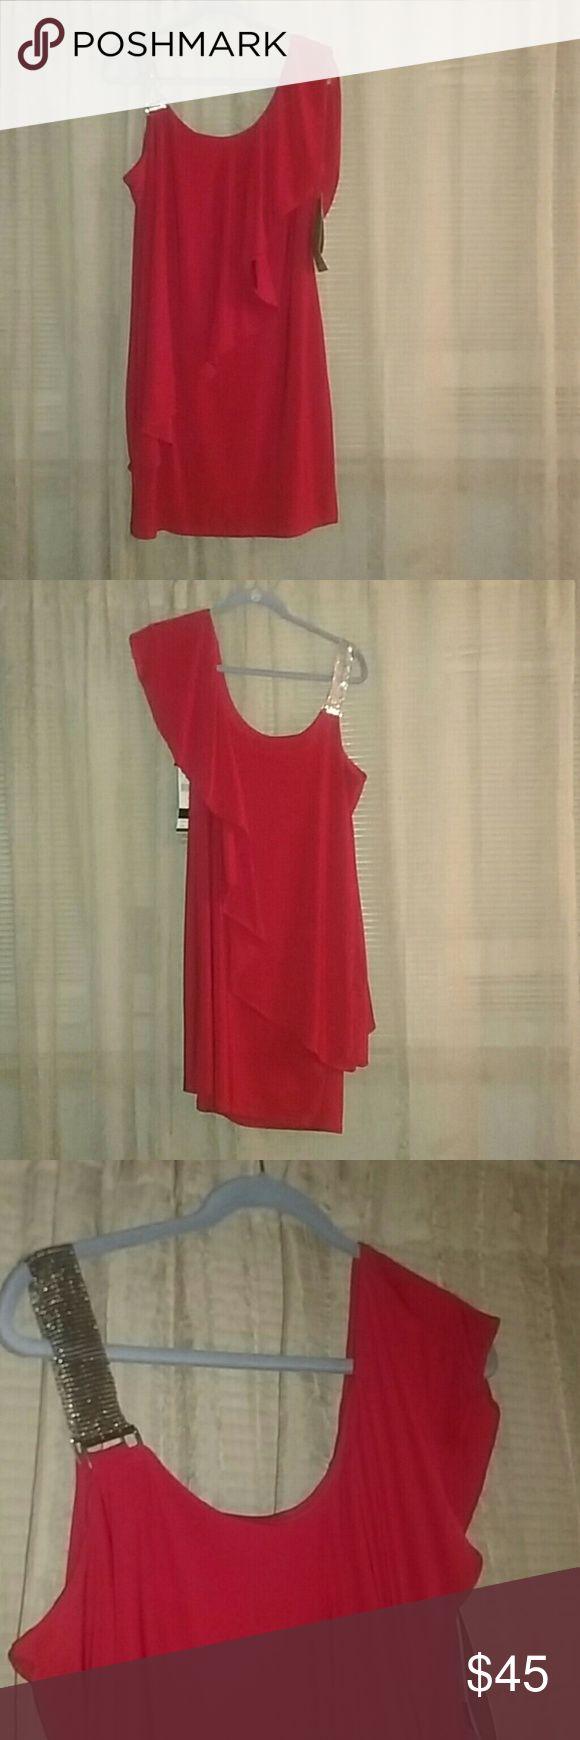 Ladies One Shoulder Red Dress Ladies One Shoulder Red Dress. Size 14 Scarlett Dresses One Shoulder